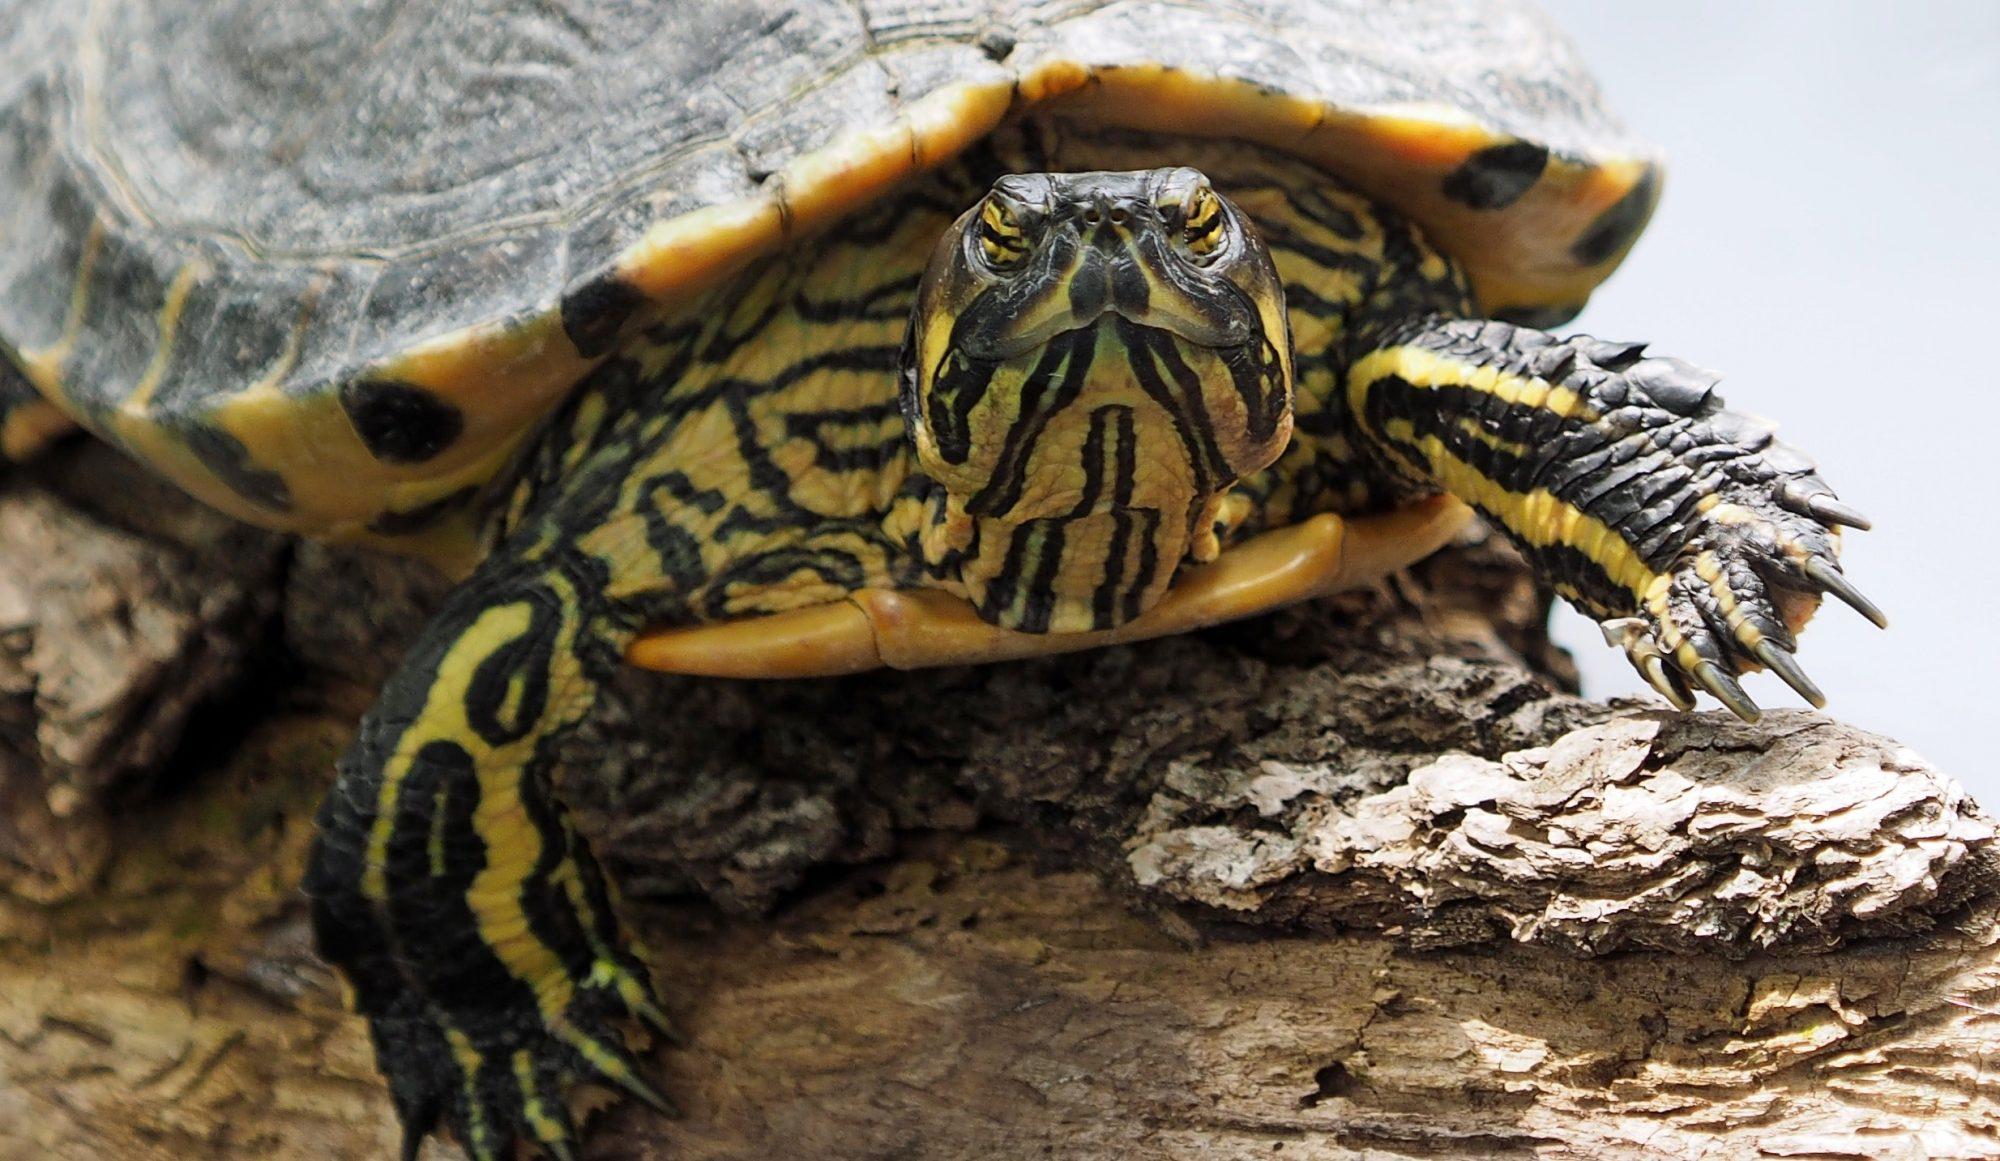 Turtles | DFW Wildlife Organization